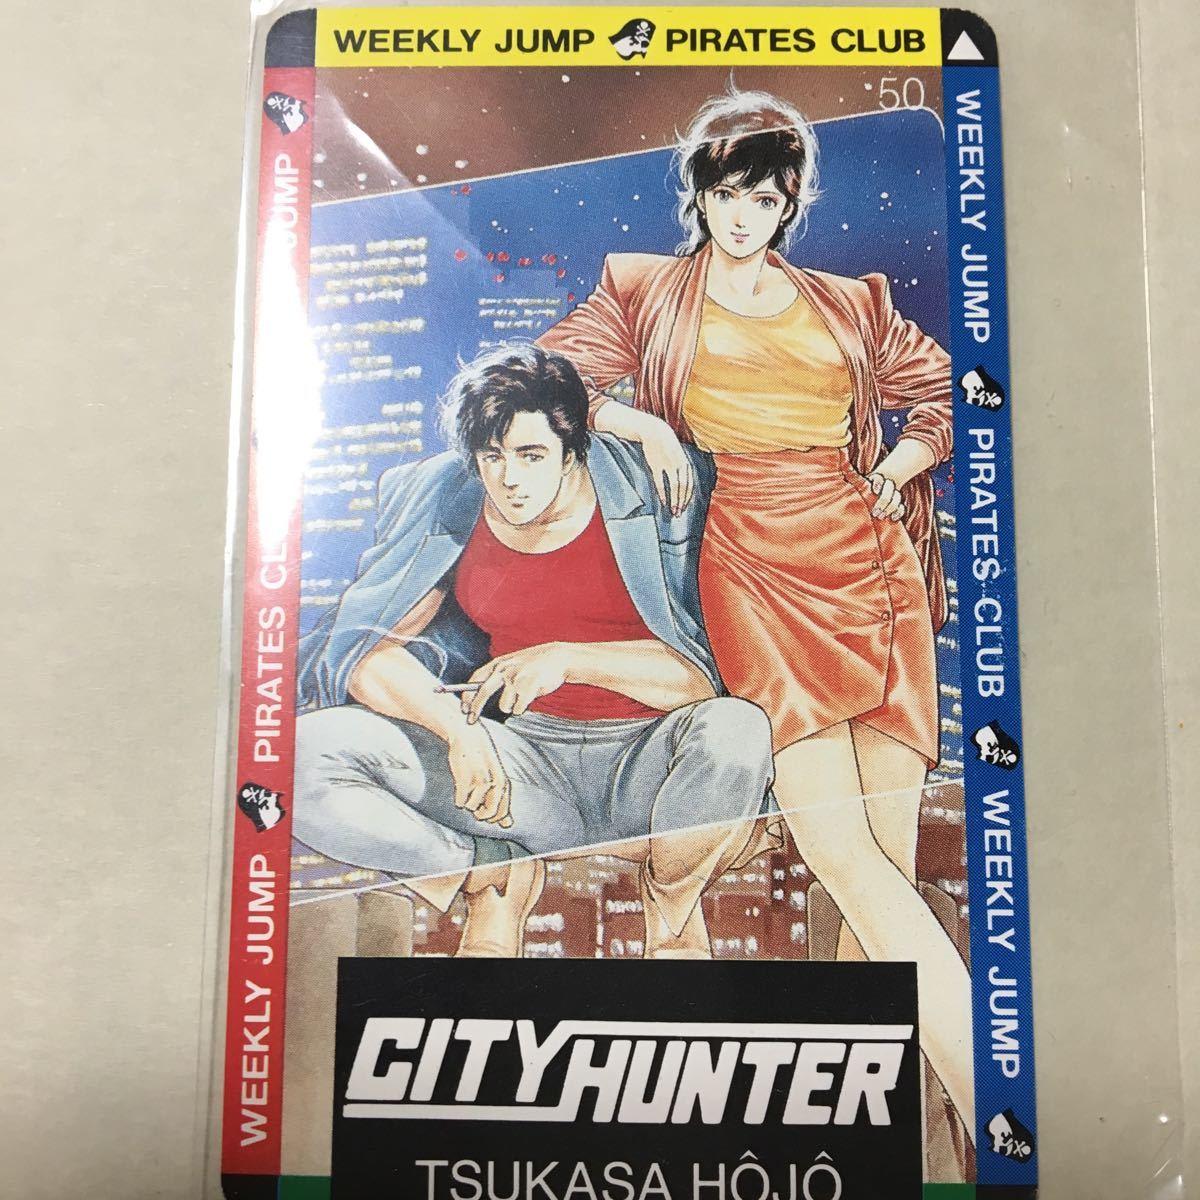 シティーハンター テレカ テレホンカード CITY HUNTER 北条司 冴羽 ウィークリー ジャンプ